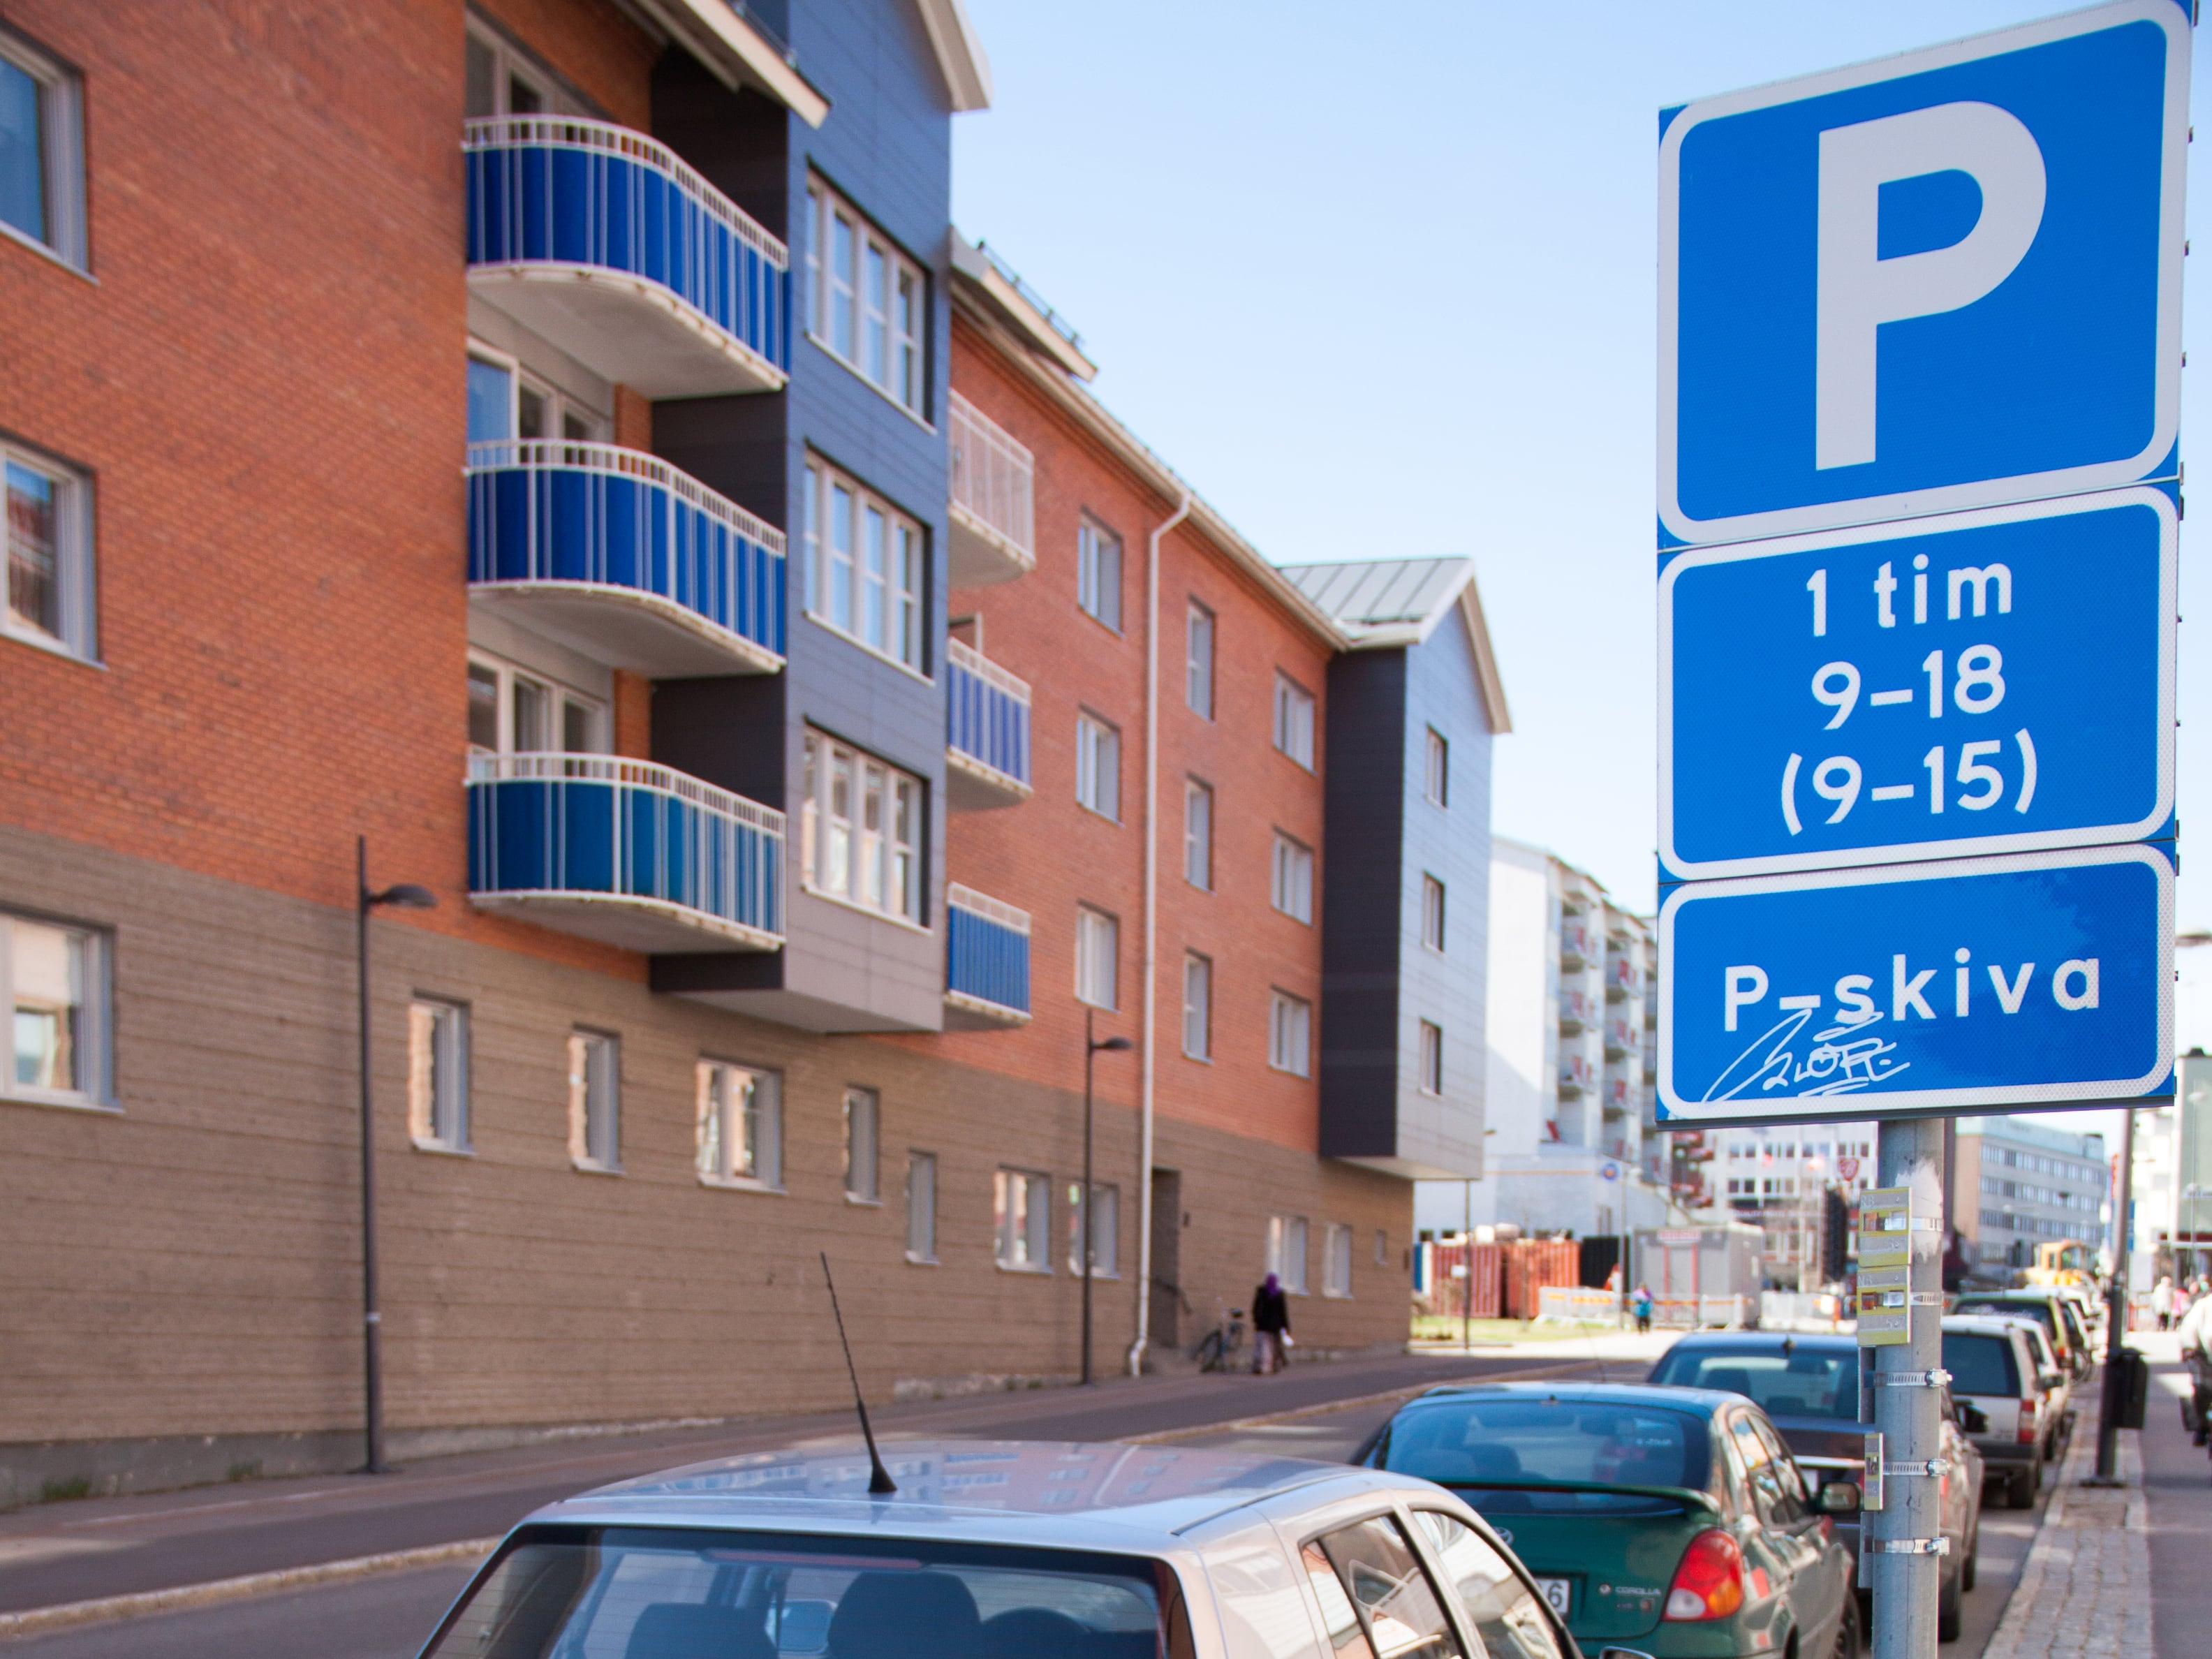 Några ord om parkering i Boden